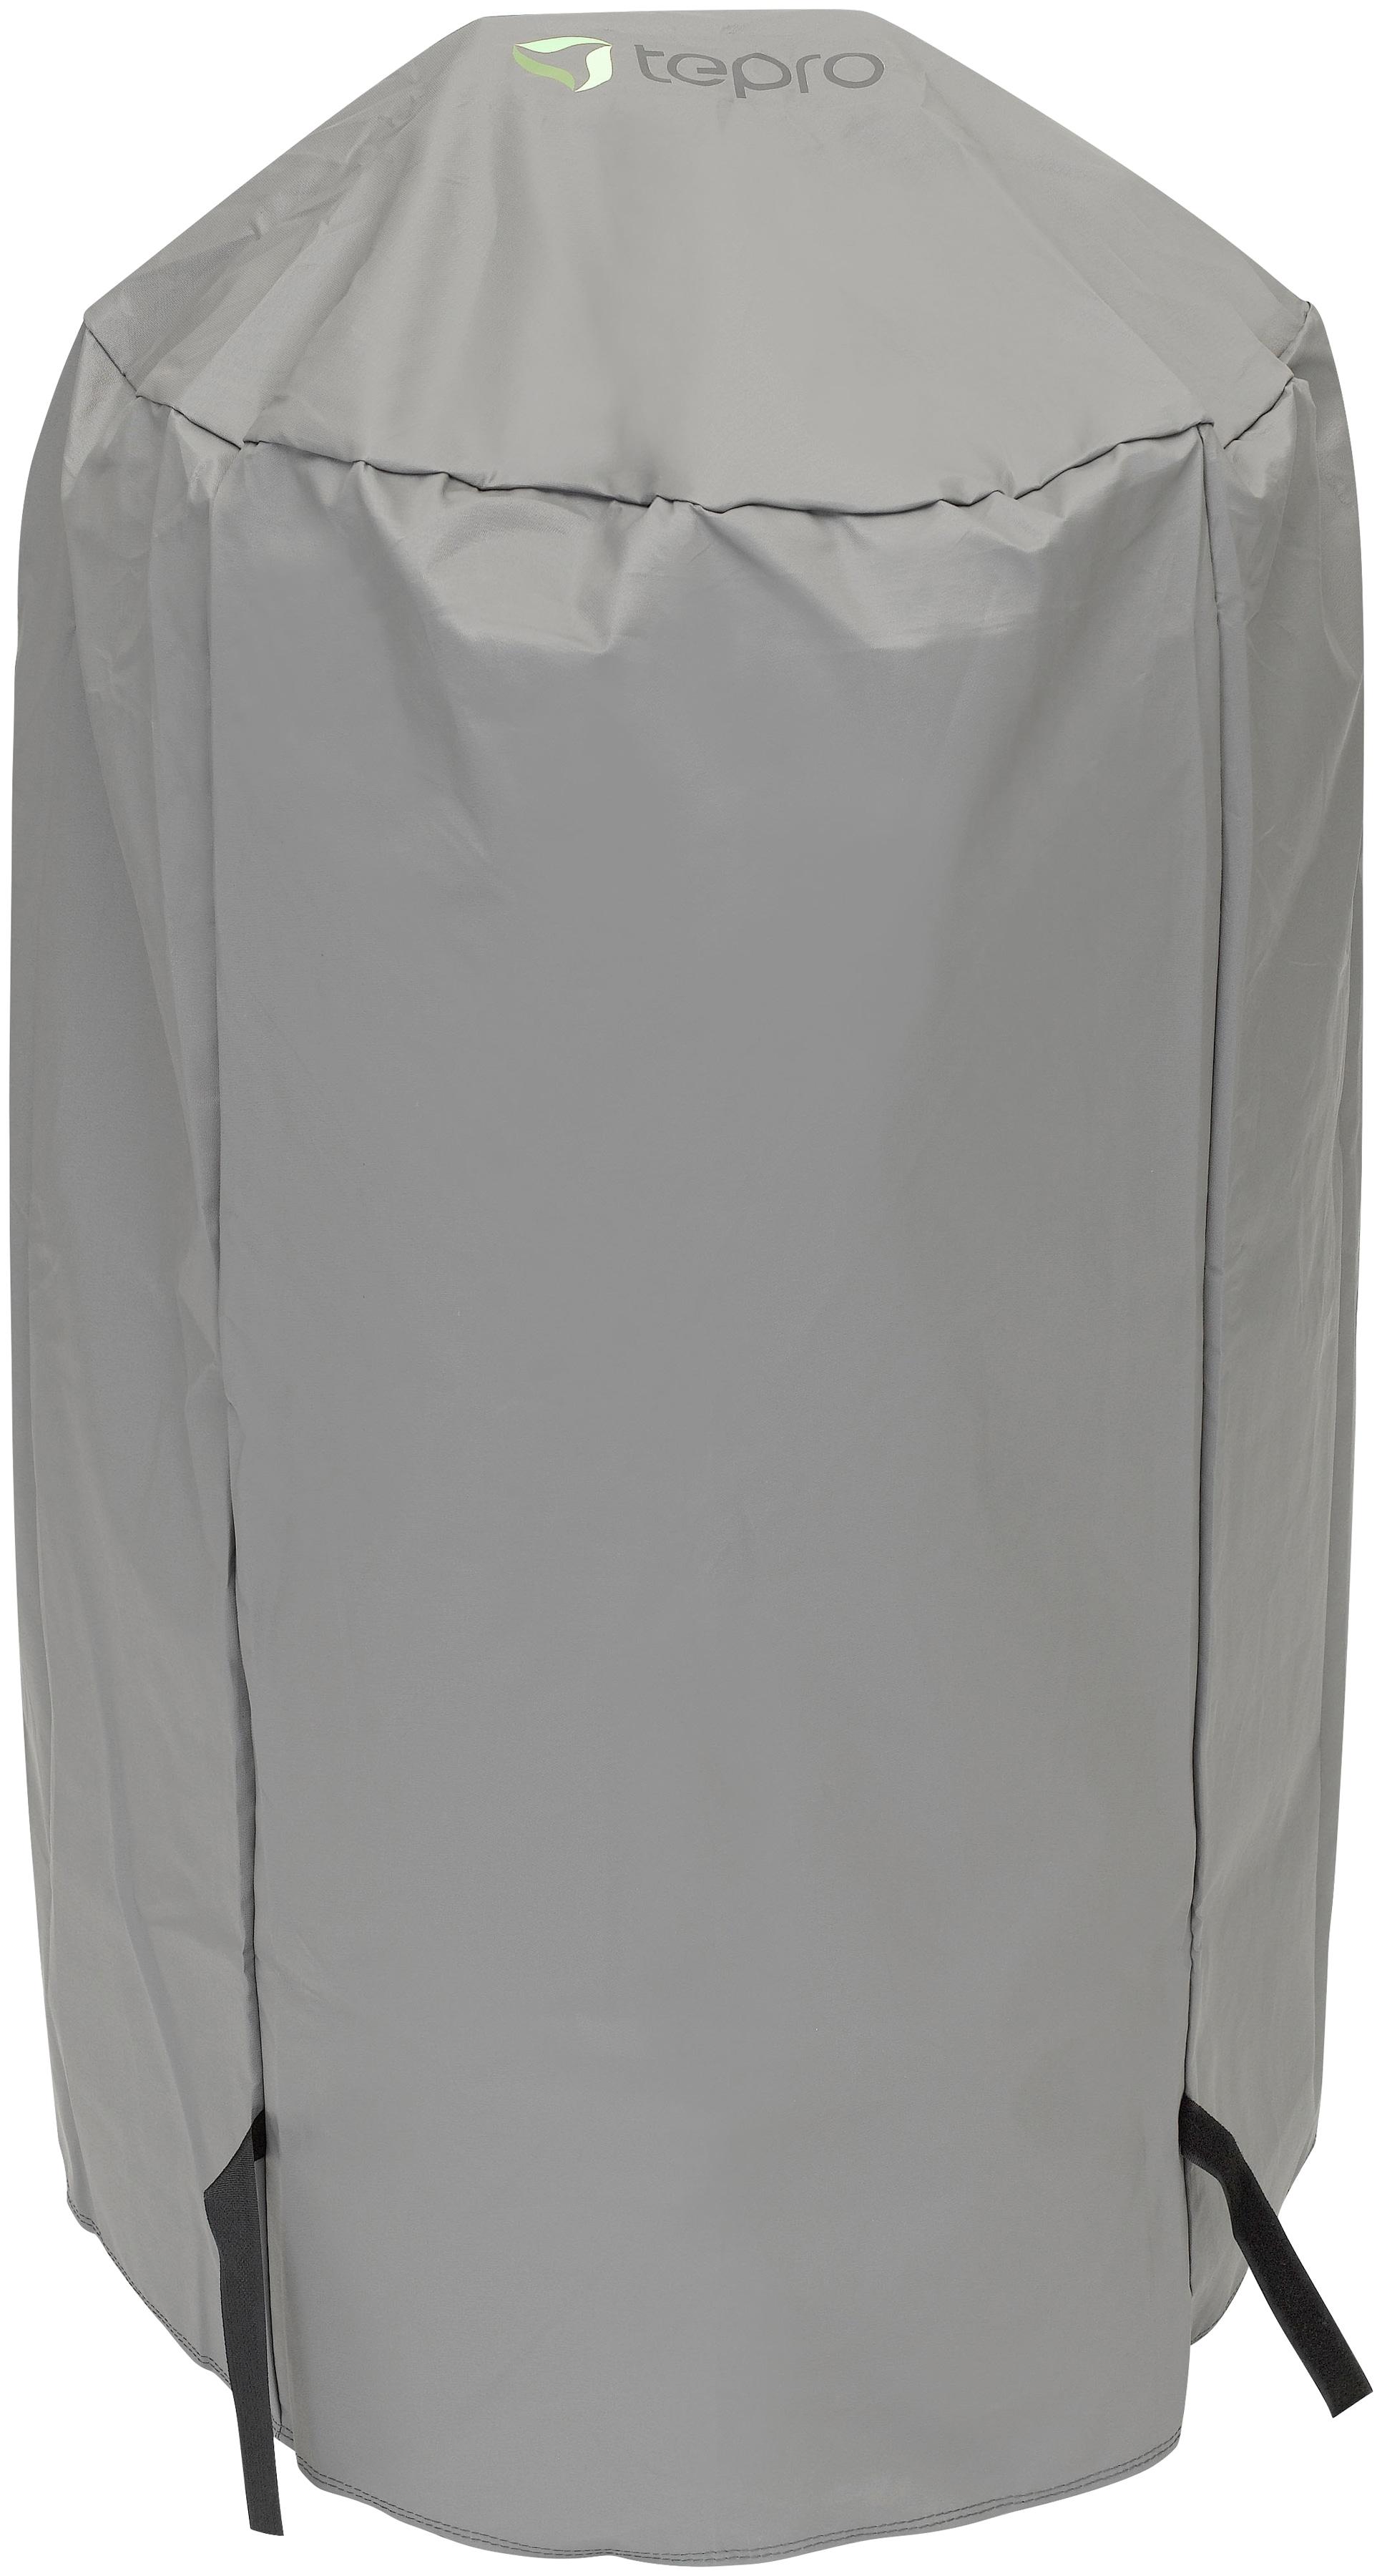 Tepro Grill-Schutzhülle, BxLxH: 57x57x85 cm, für Kugelgrill klein grau Zubehör Grills Garten Balkon Grill-Schutzhülle